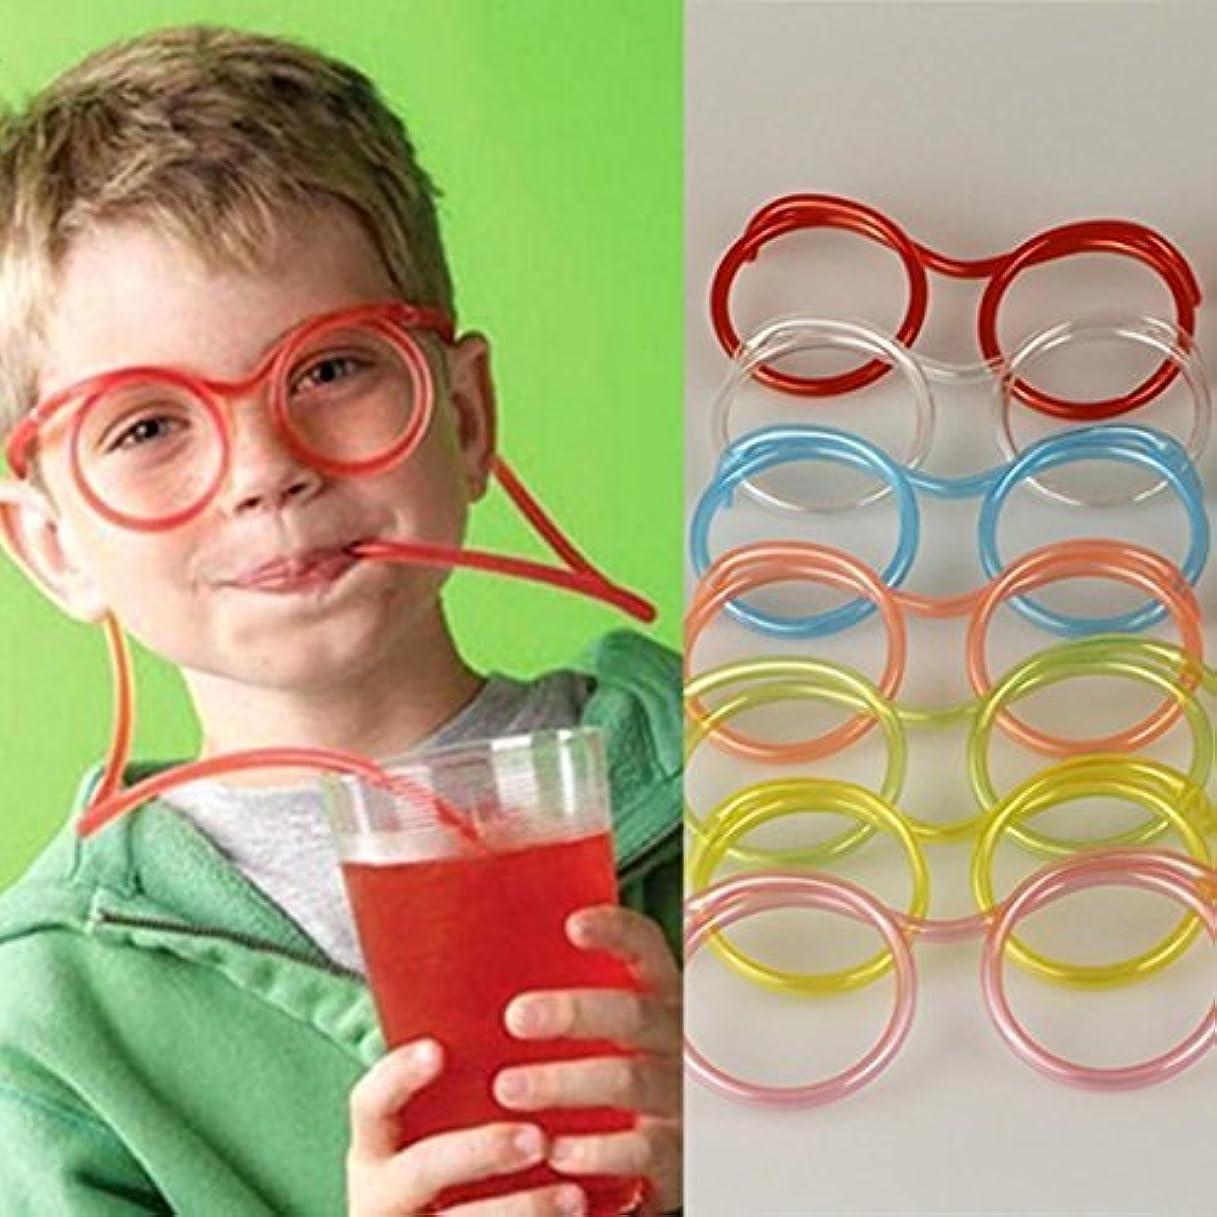 検査官より良い錫子供の狂った管の柔軟なギフトパーティーストロー楽しい目新しさを飲んでガラスの供給